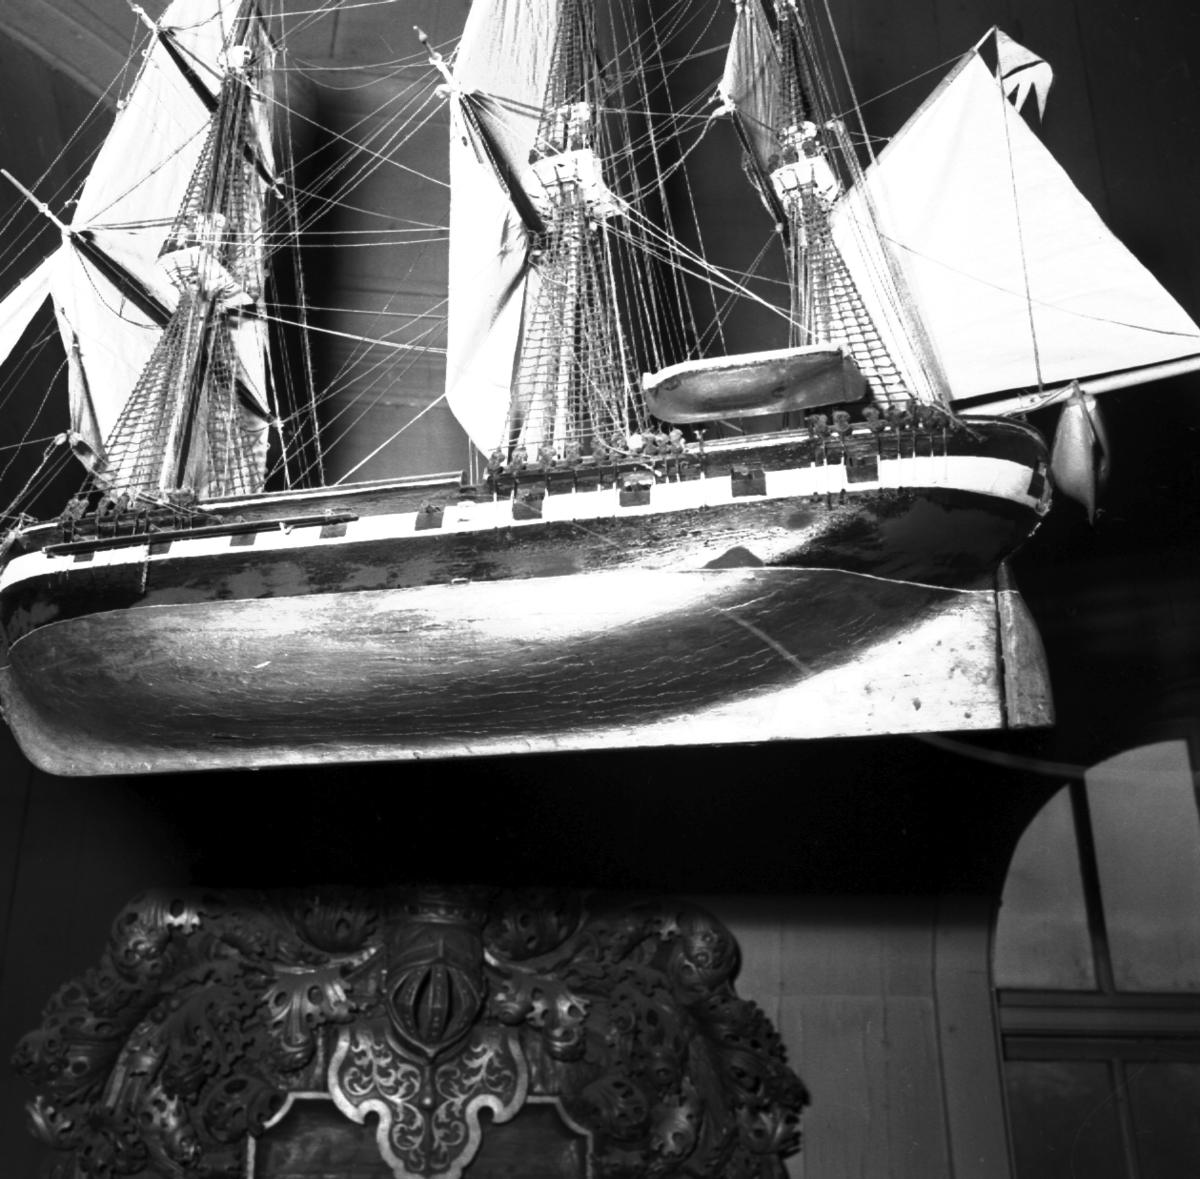 Övrigt: Karlskrona Fregatten Karlskrona i Amiralitetskyrkan